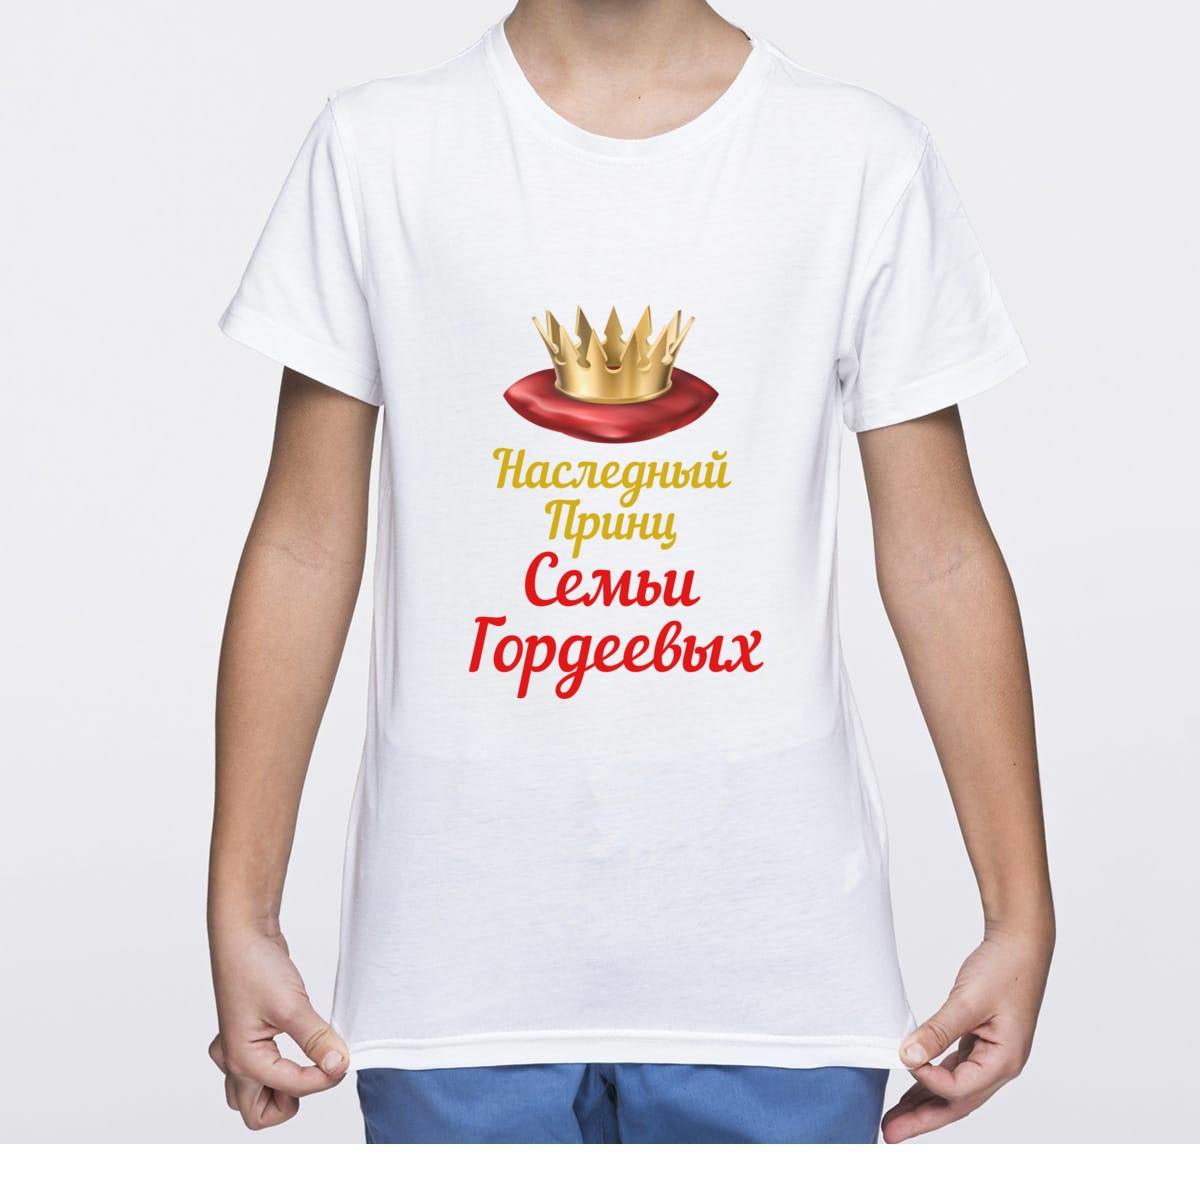 Именная детская футболка